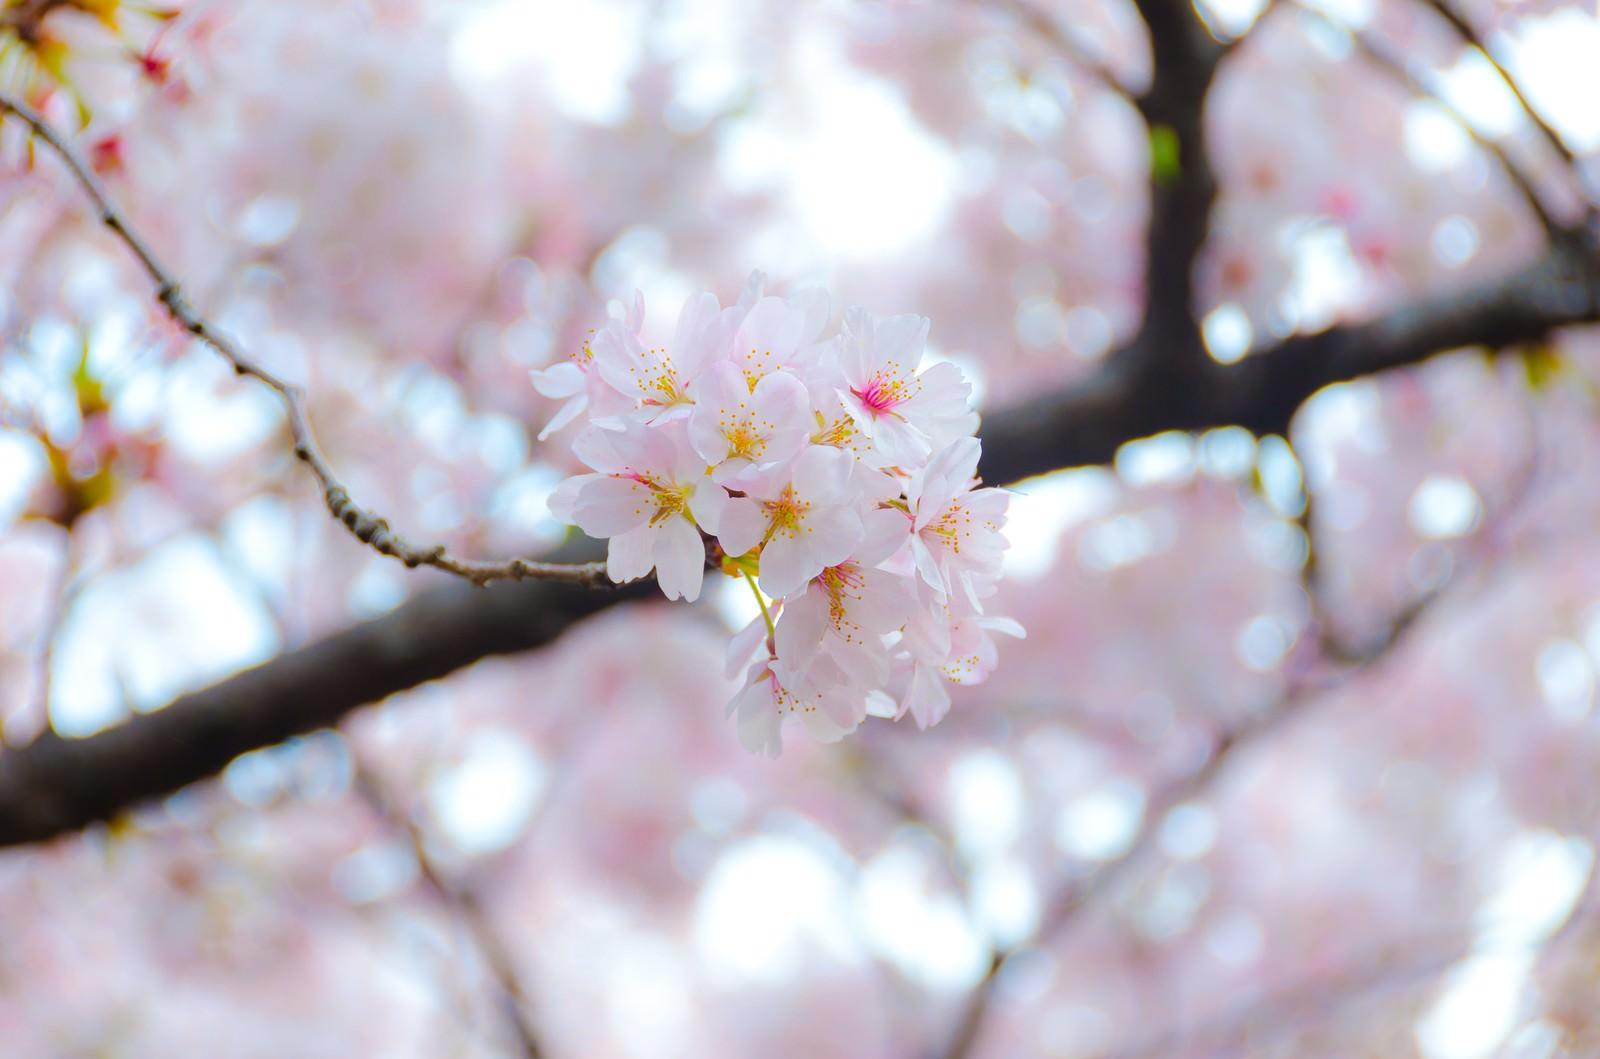 「満開の桜の花」の写真